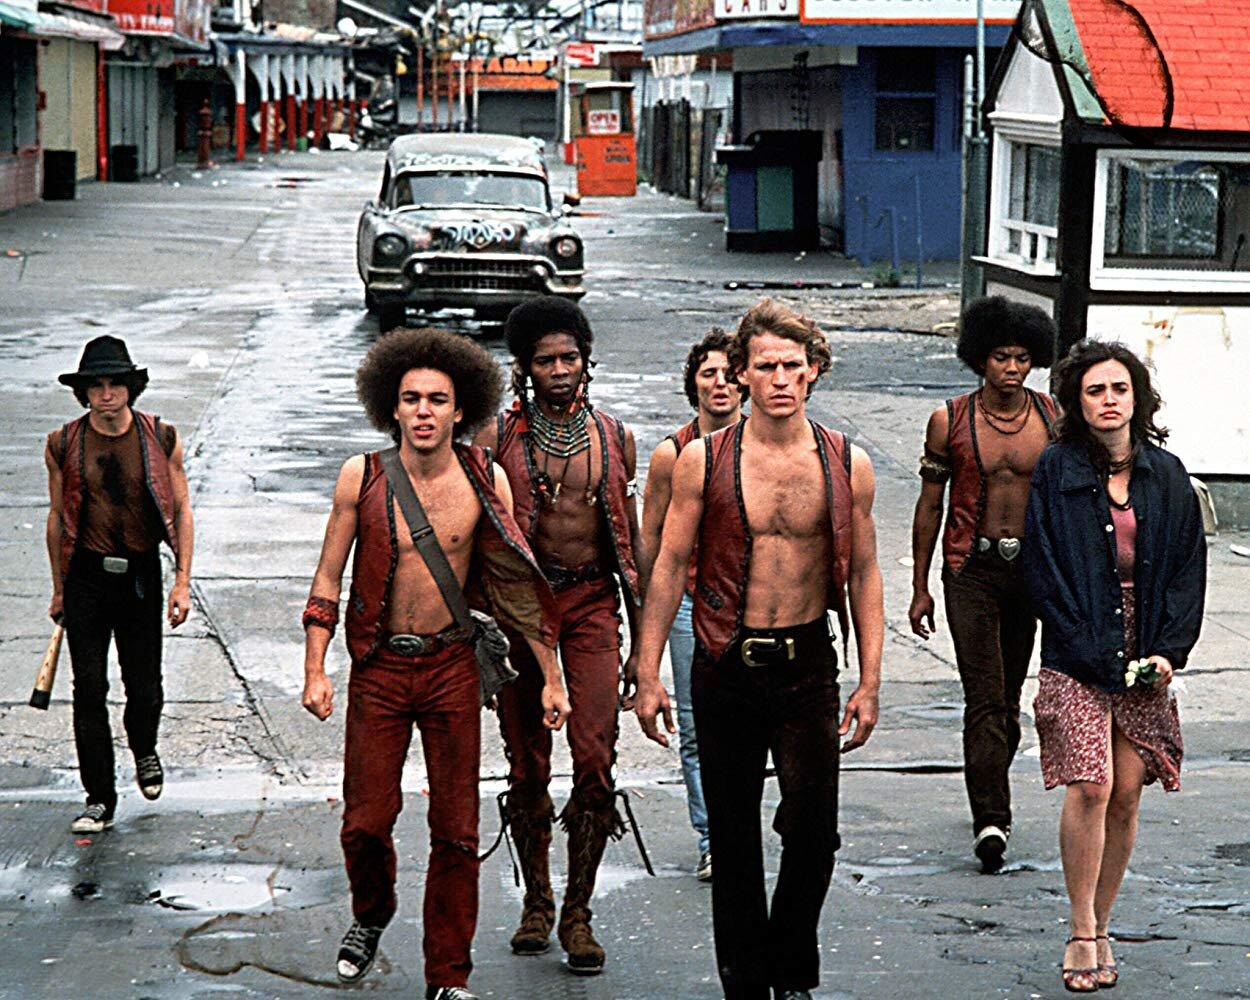 Cena do clássico  Os Selvagens da Noite  de Walter Hill, o mesmo diretor de  Ruas de Fogo  (1984) e que quase dirigiu  Alien, o Oitavo Passageiro  (1979) - que como todo mundo já sabe foi parar nas mãos de  Ridley Scott  e virou um classicão